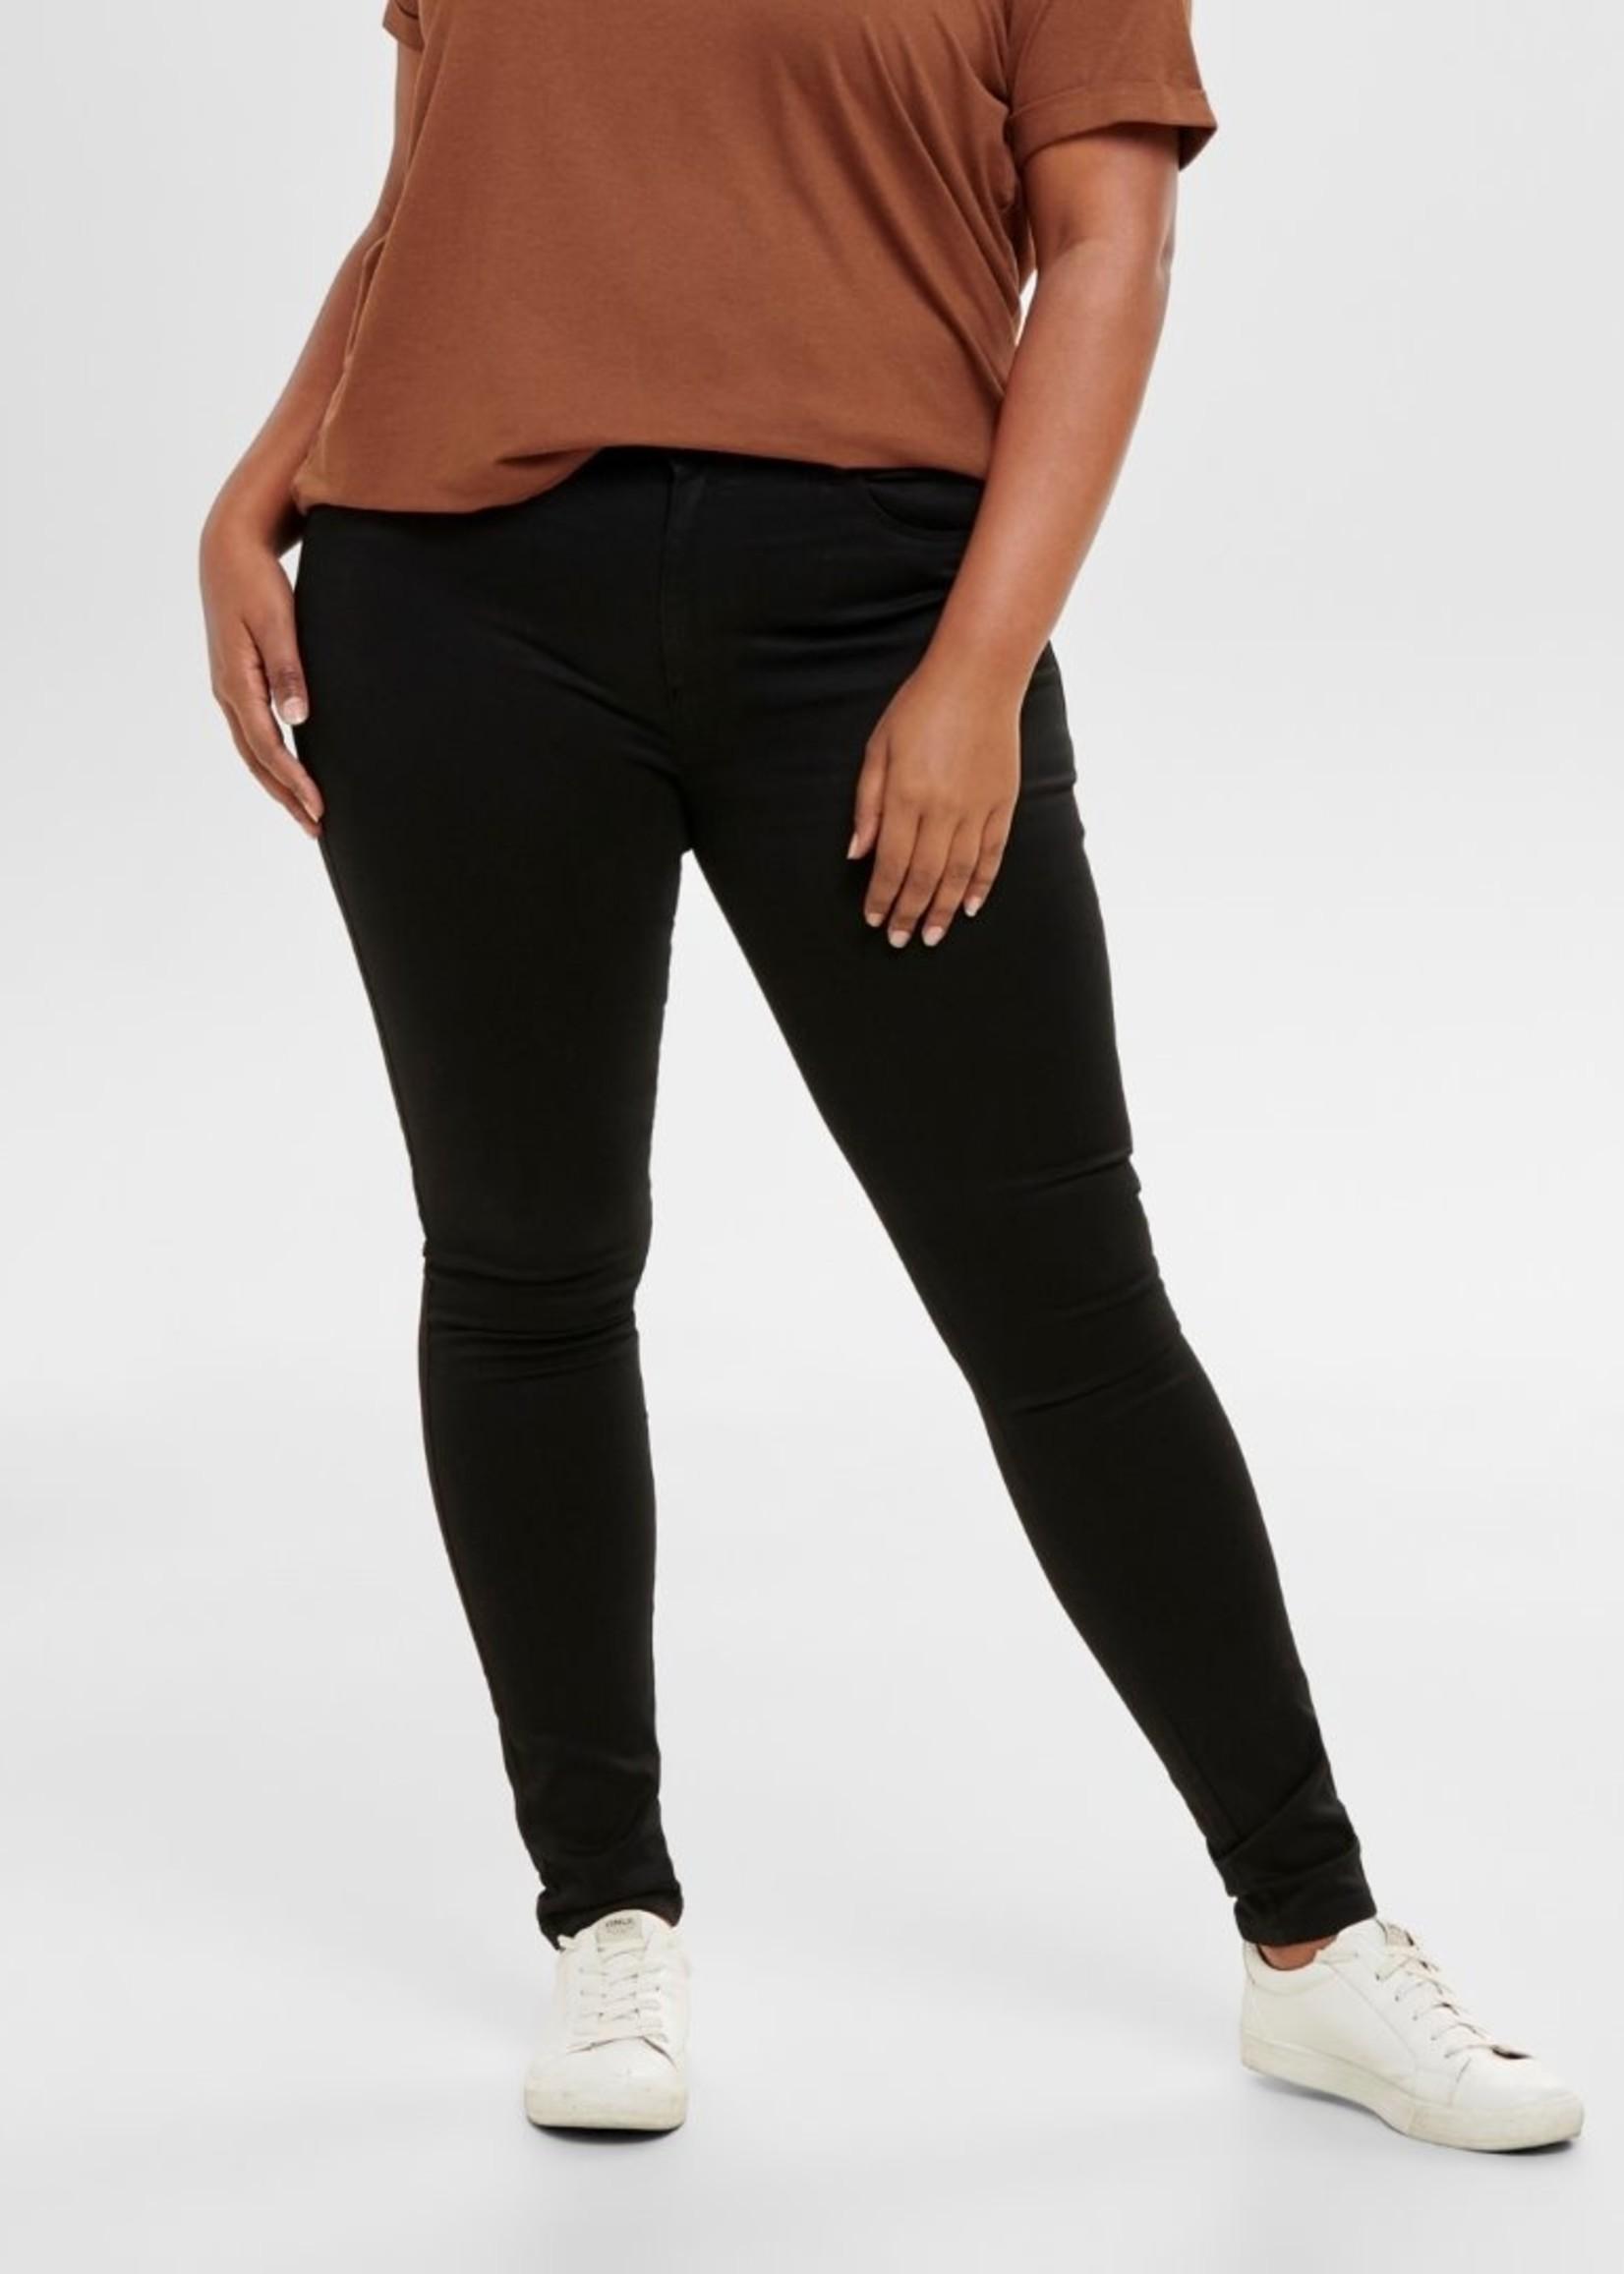 Only Carmakoma Only Carmakoma Augusta Jeans Black